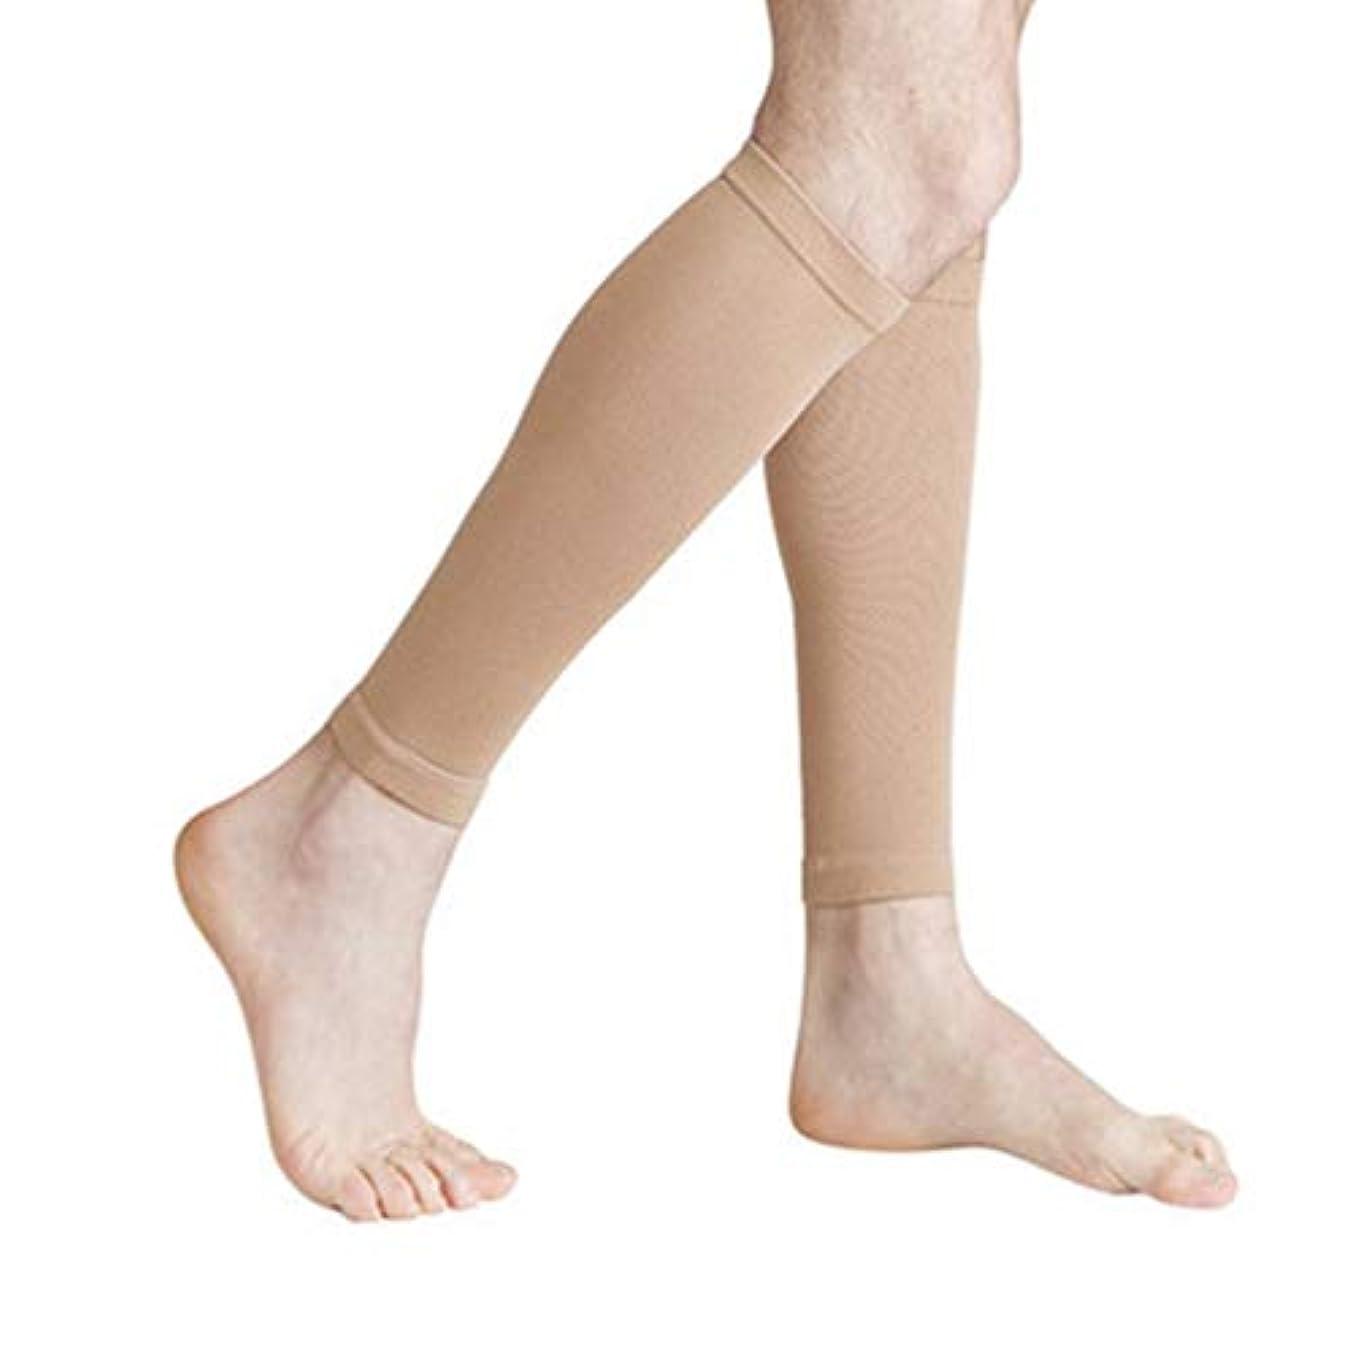 返還モンスターファンシー丈夫な男性女性プロの圧縮靴下通気性のある旅行活動看護師用シントスプリントフライトトラベル - 肌色